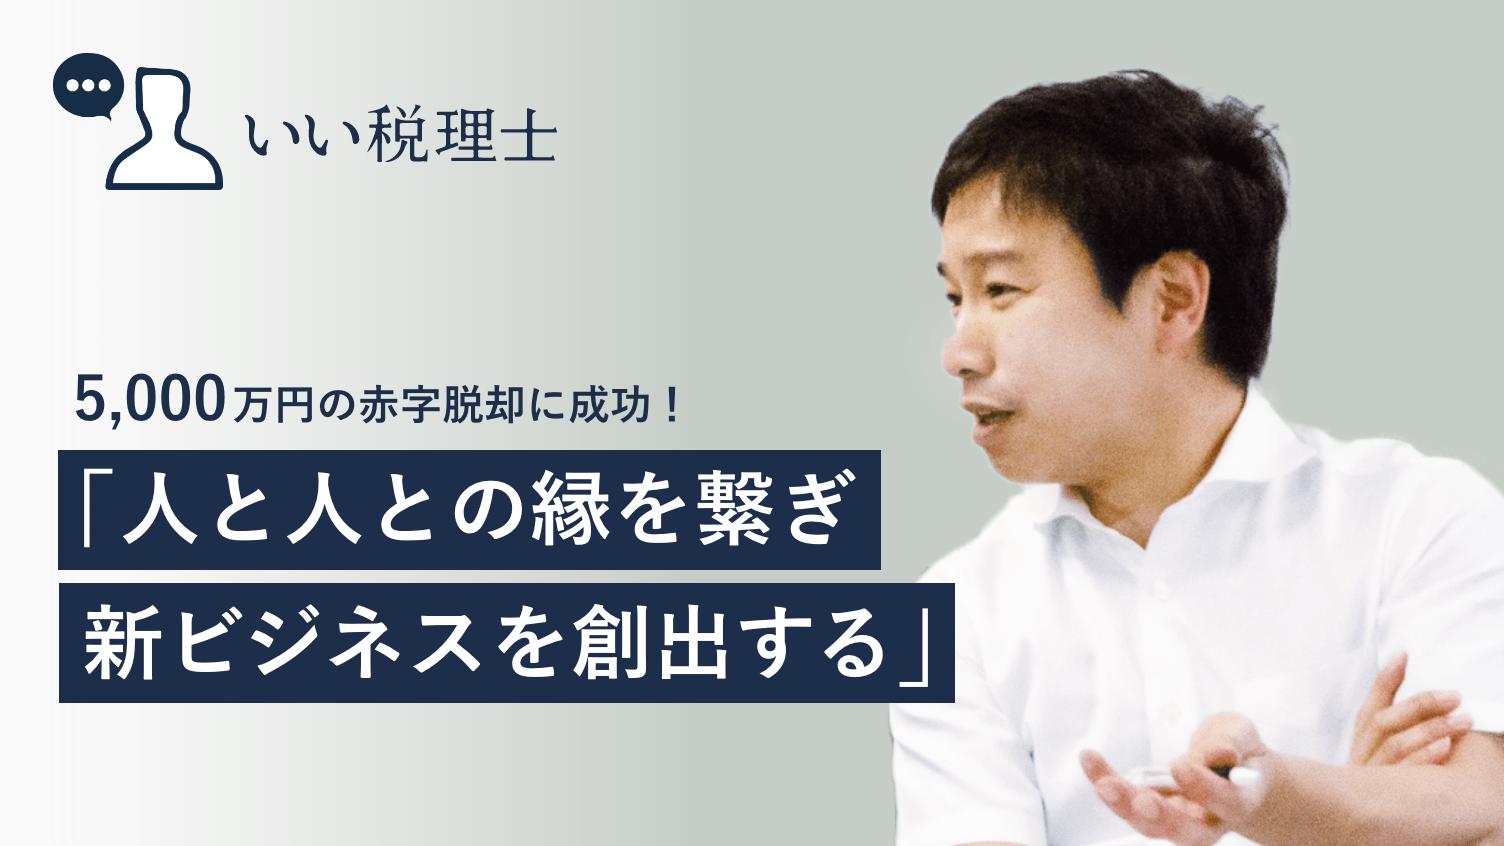 上級会員インタビュー藤本様アイキャッチ